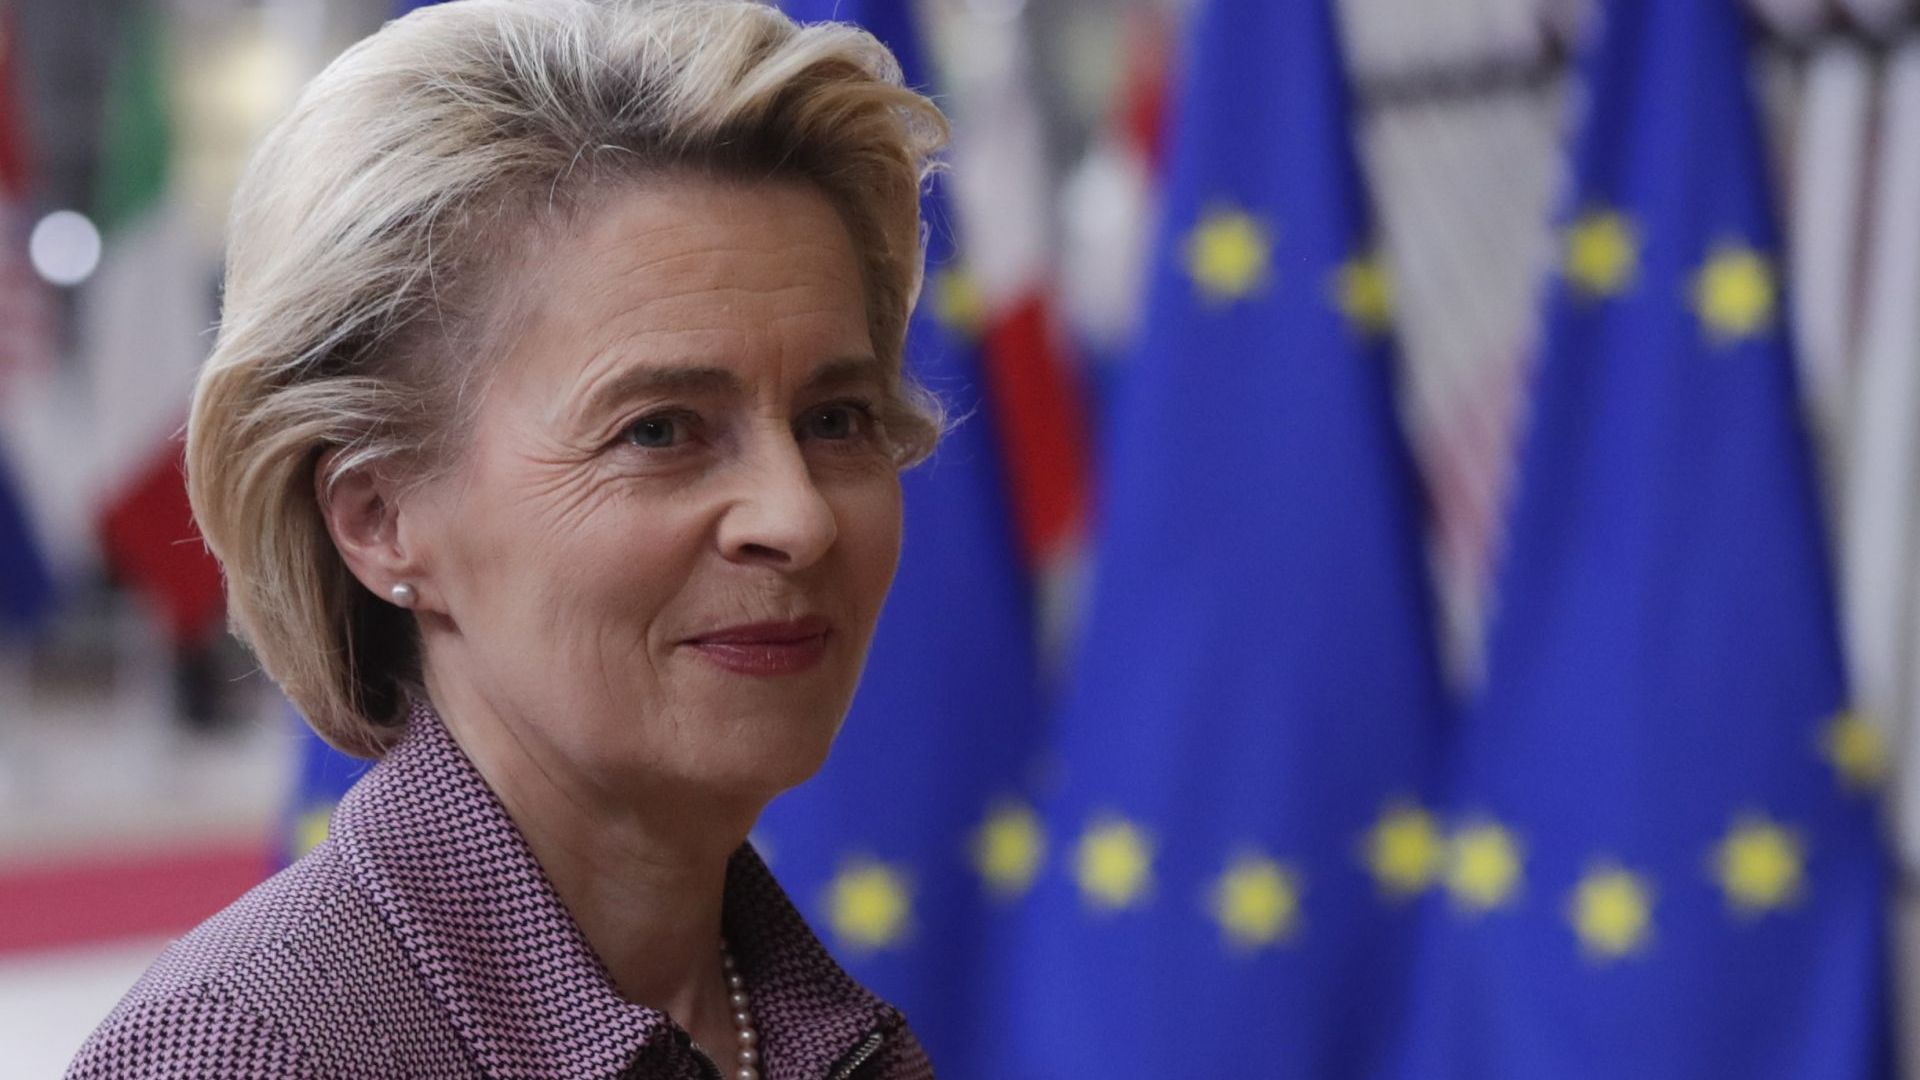 След срещата с Бойко Борисов: Урсула Фон дер Лайен се изолира заради сътрудник с COVID